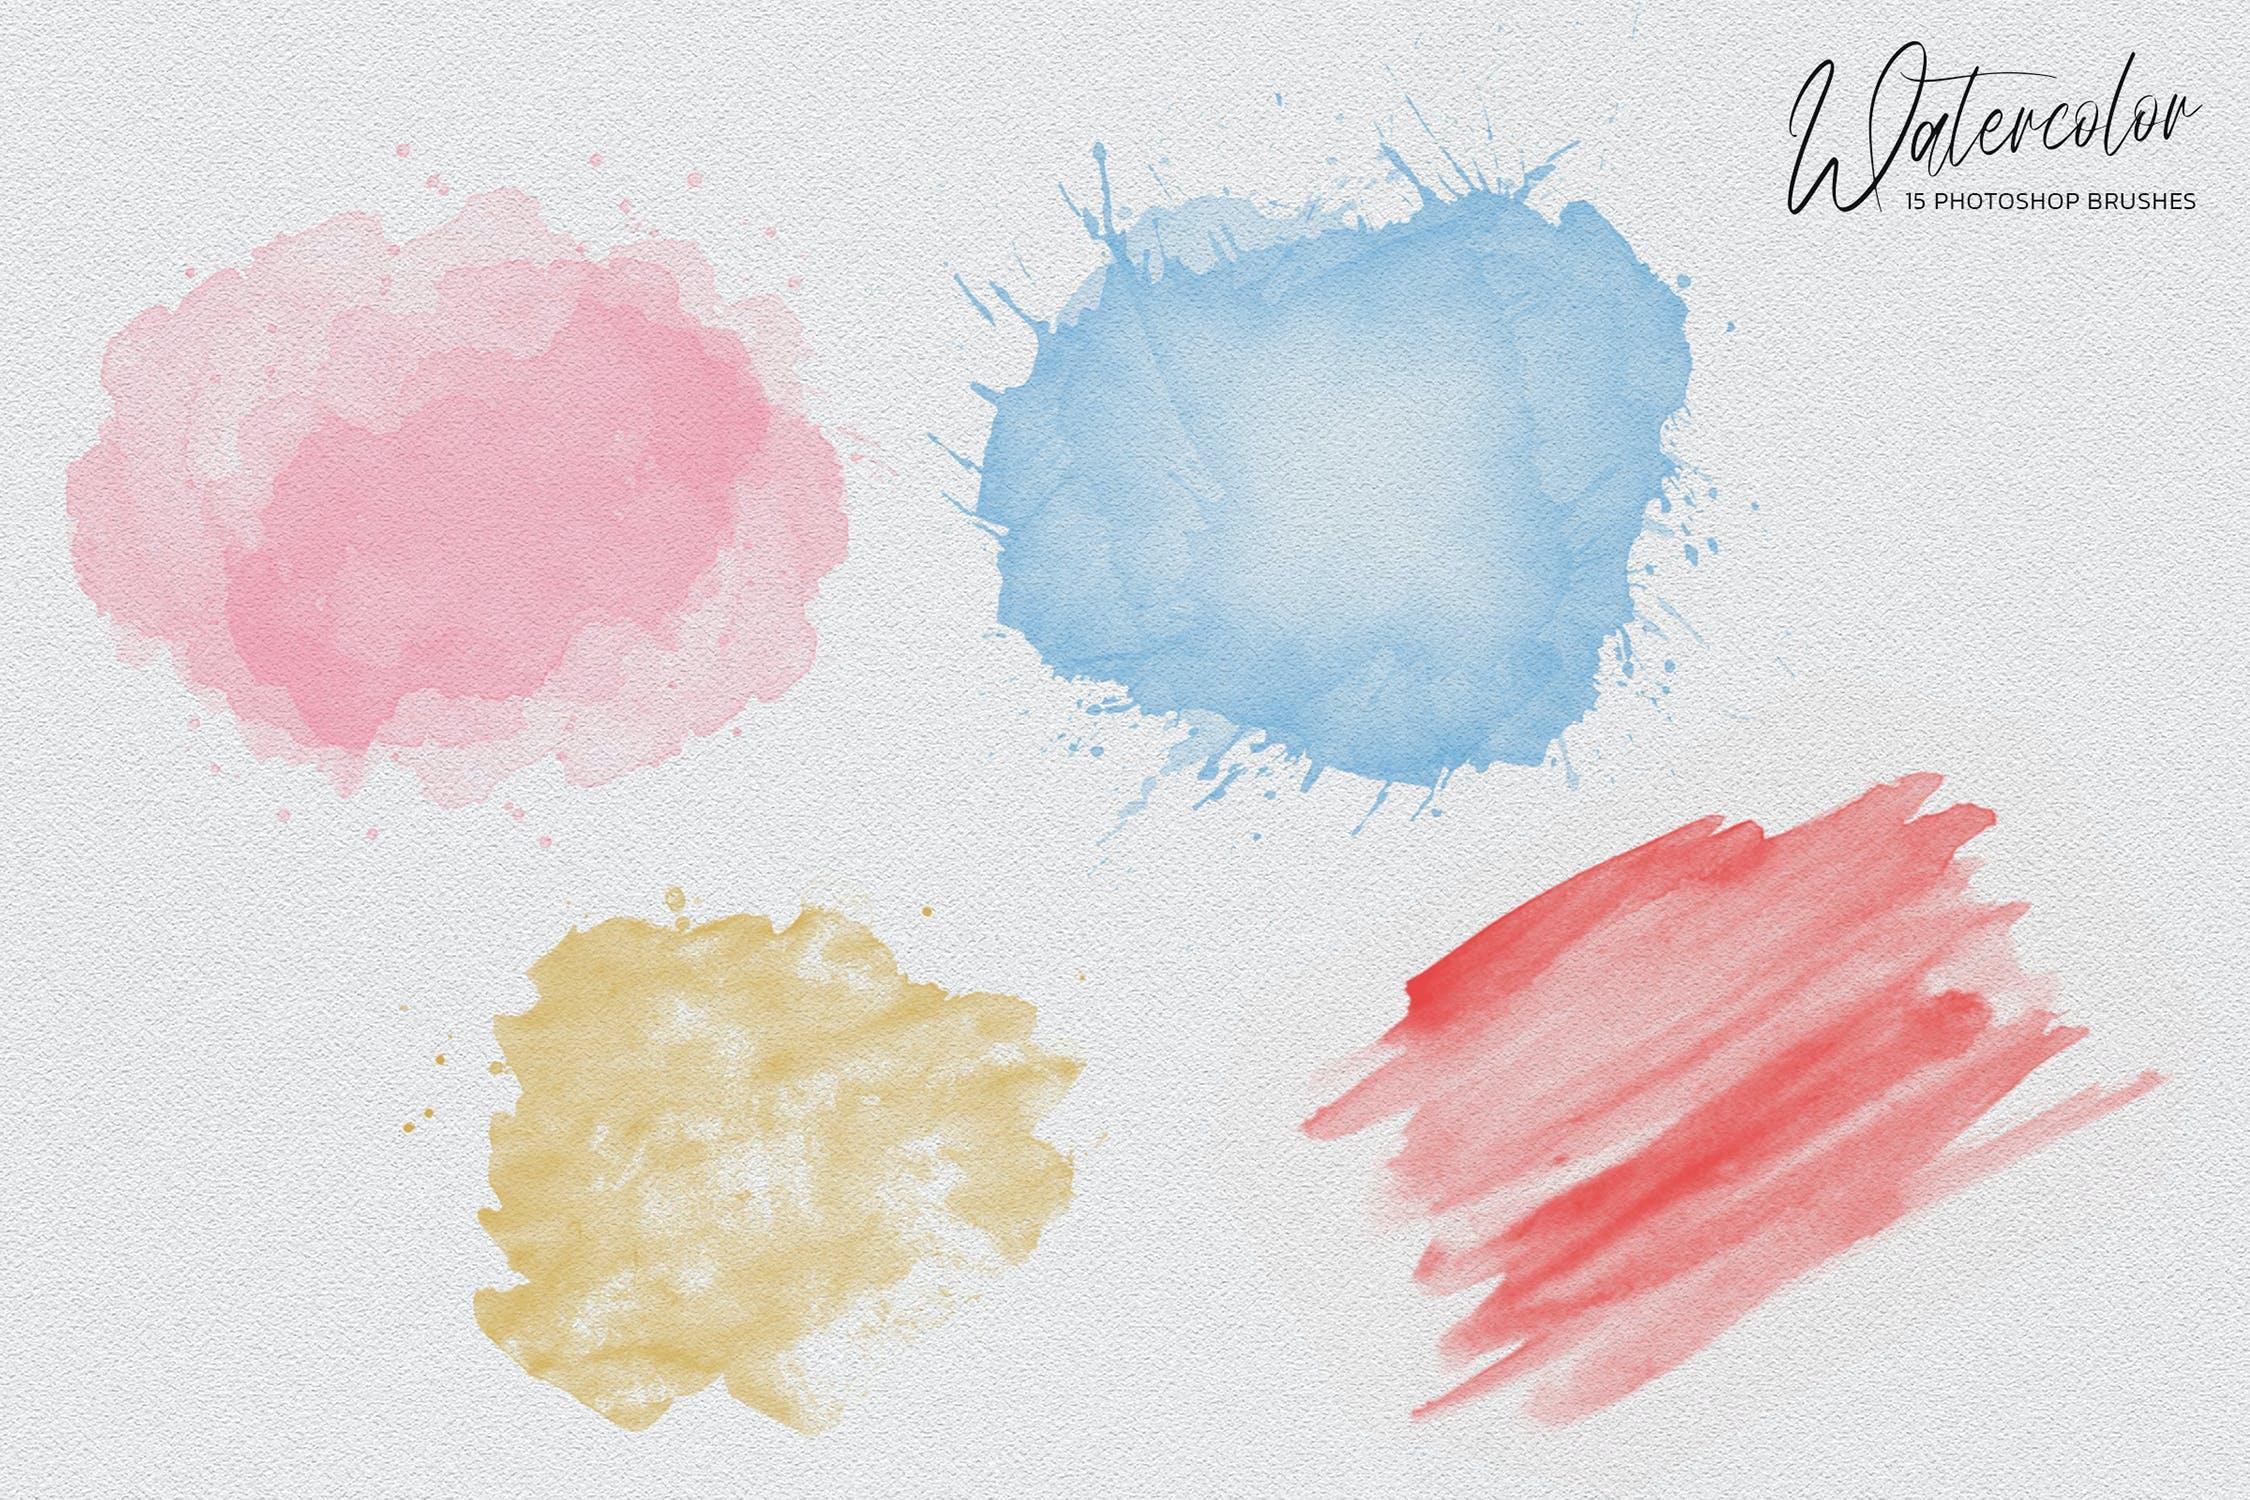 艺术铅笔刷水彩PS笔刷Photoshop笔刷集designshidai_bishua034